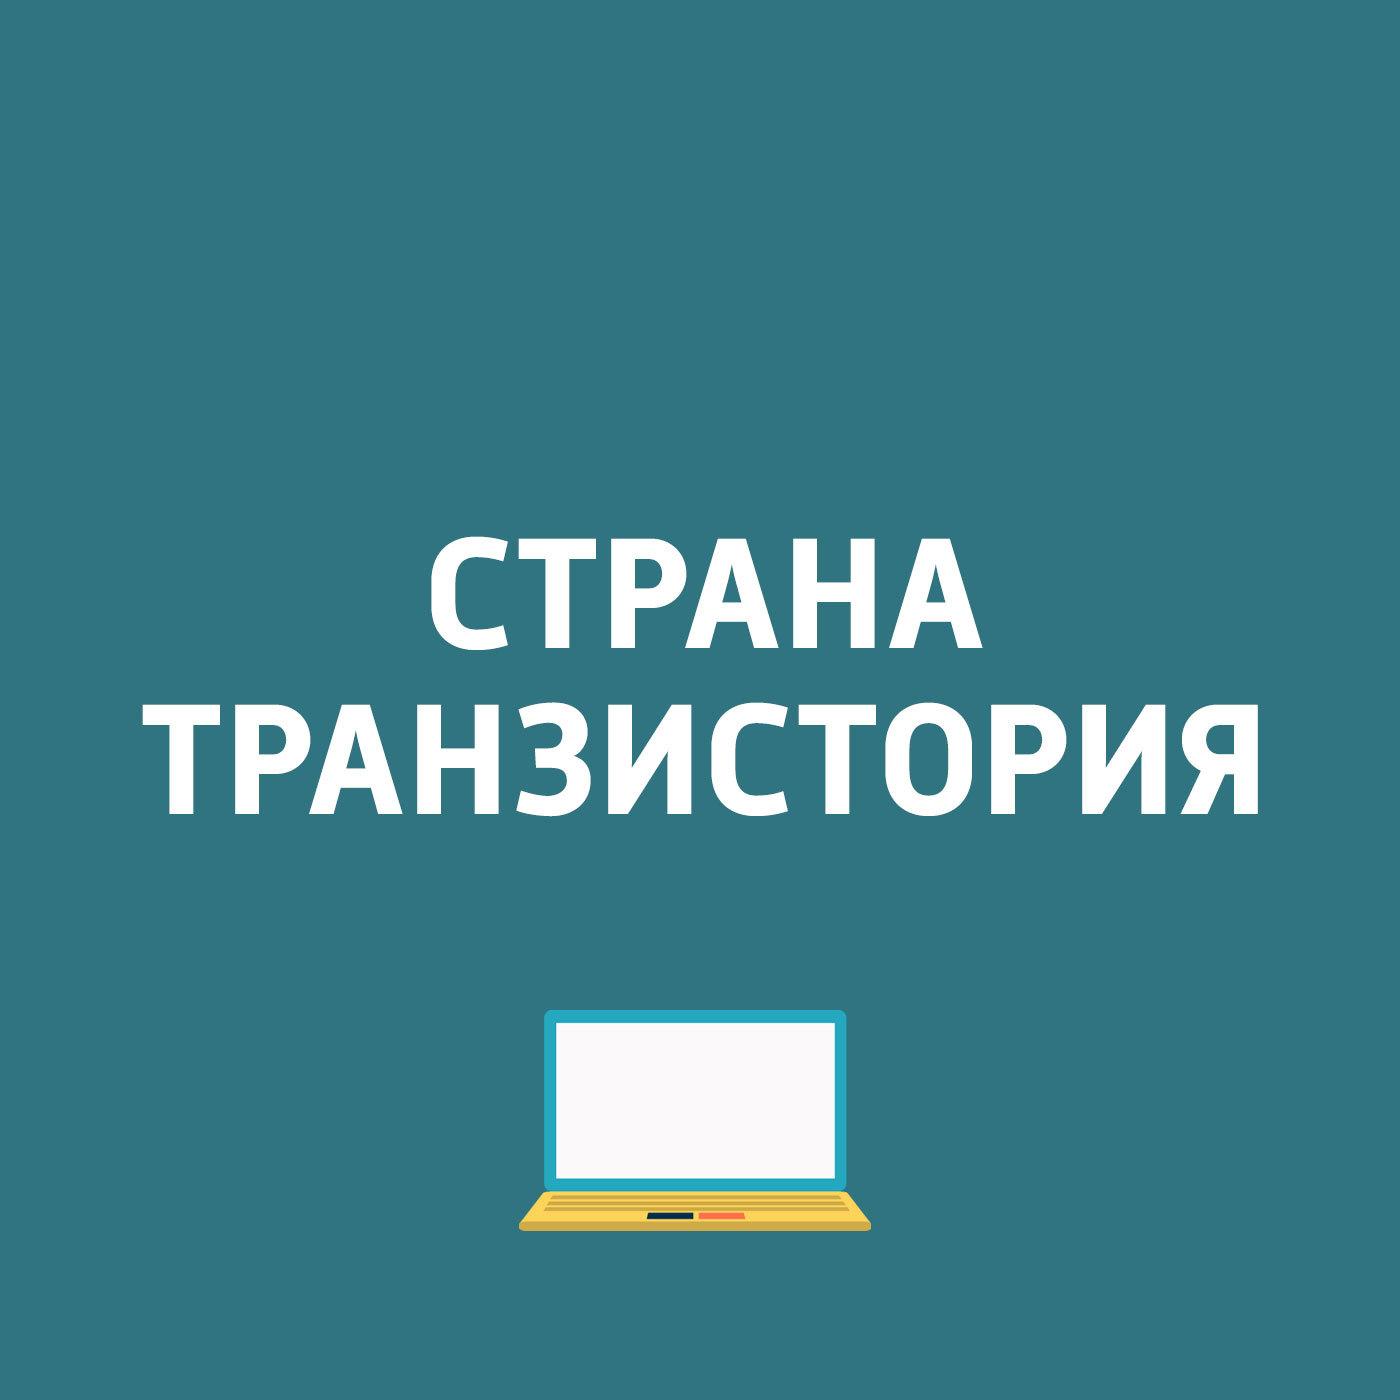 Картаев Павел Fairphone 2, Liquid Leap Active, ТОП15 картаев павел блокировка контента запросы в яндексе новый iphone